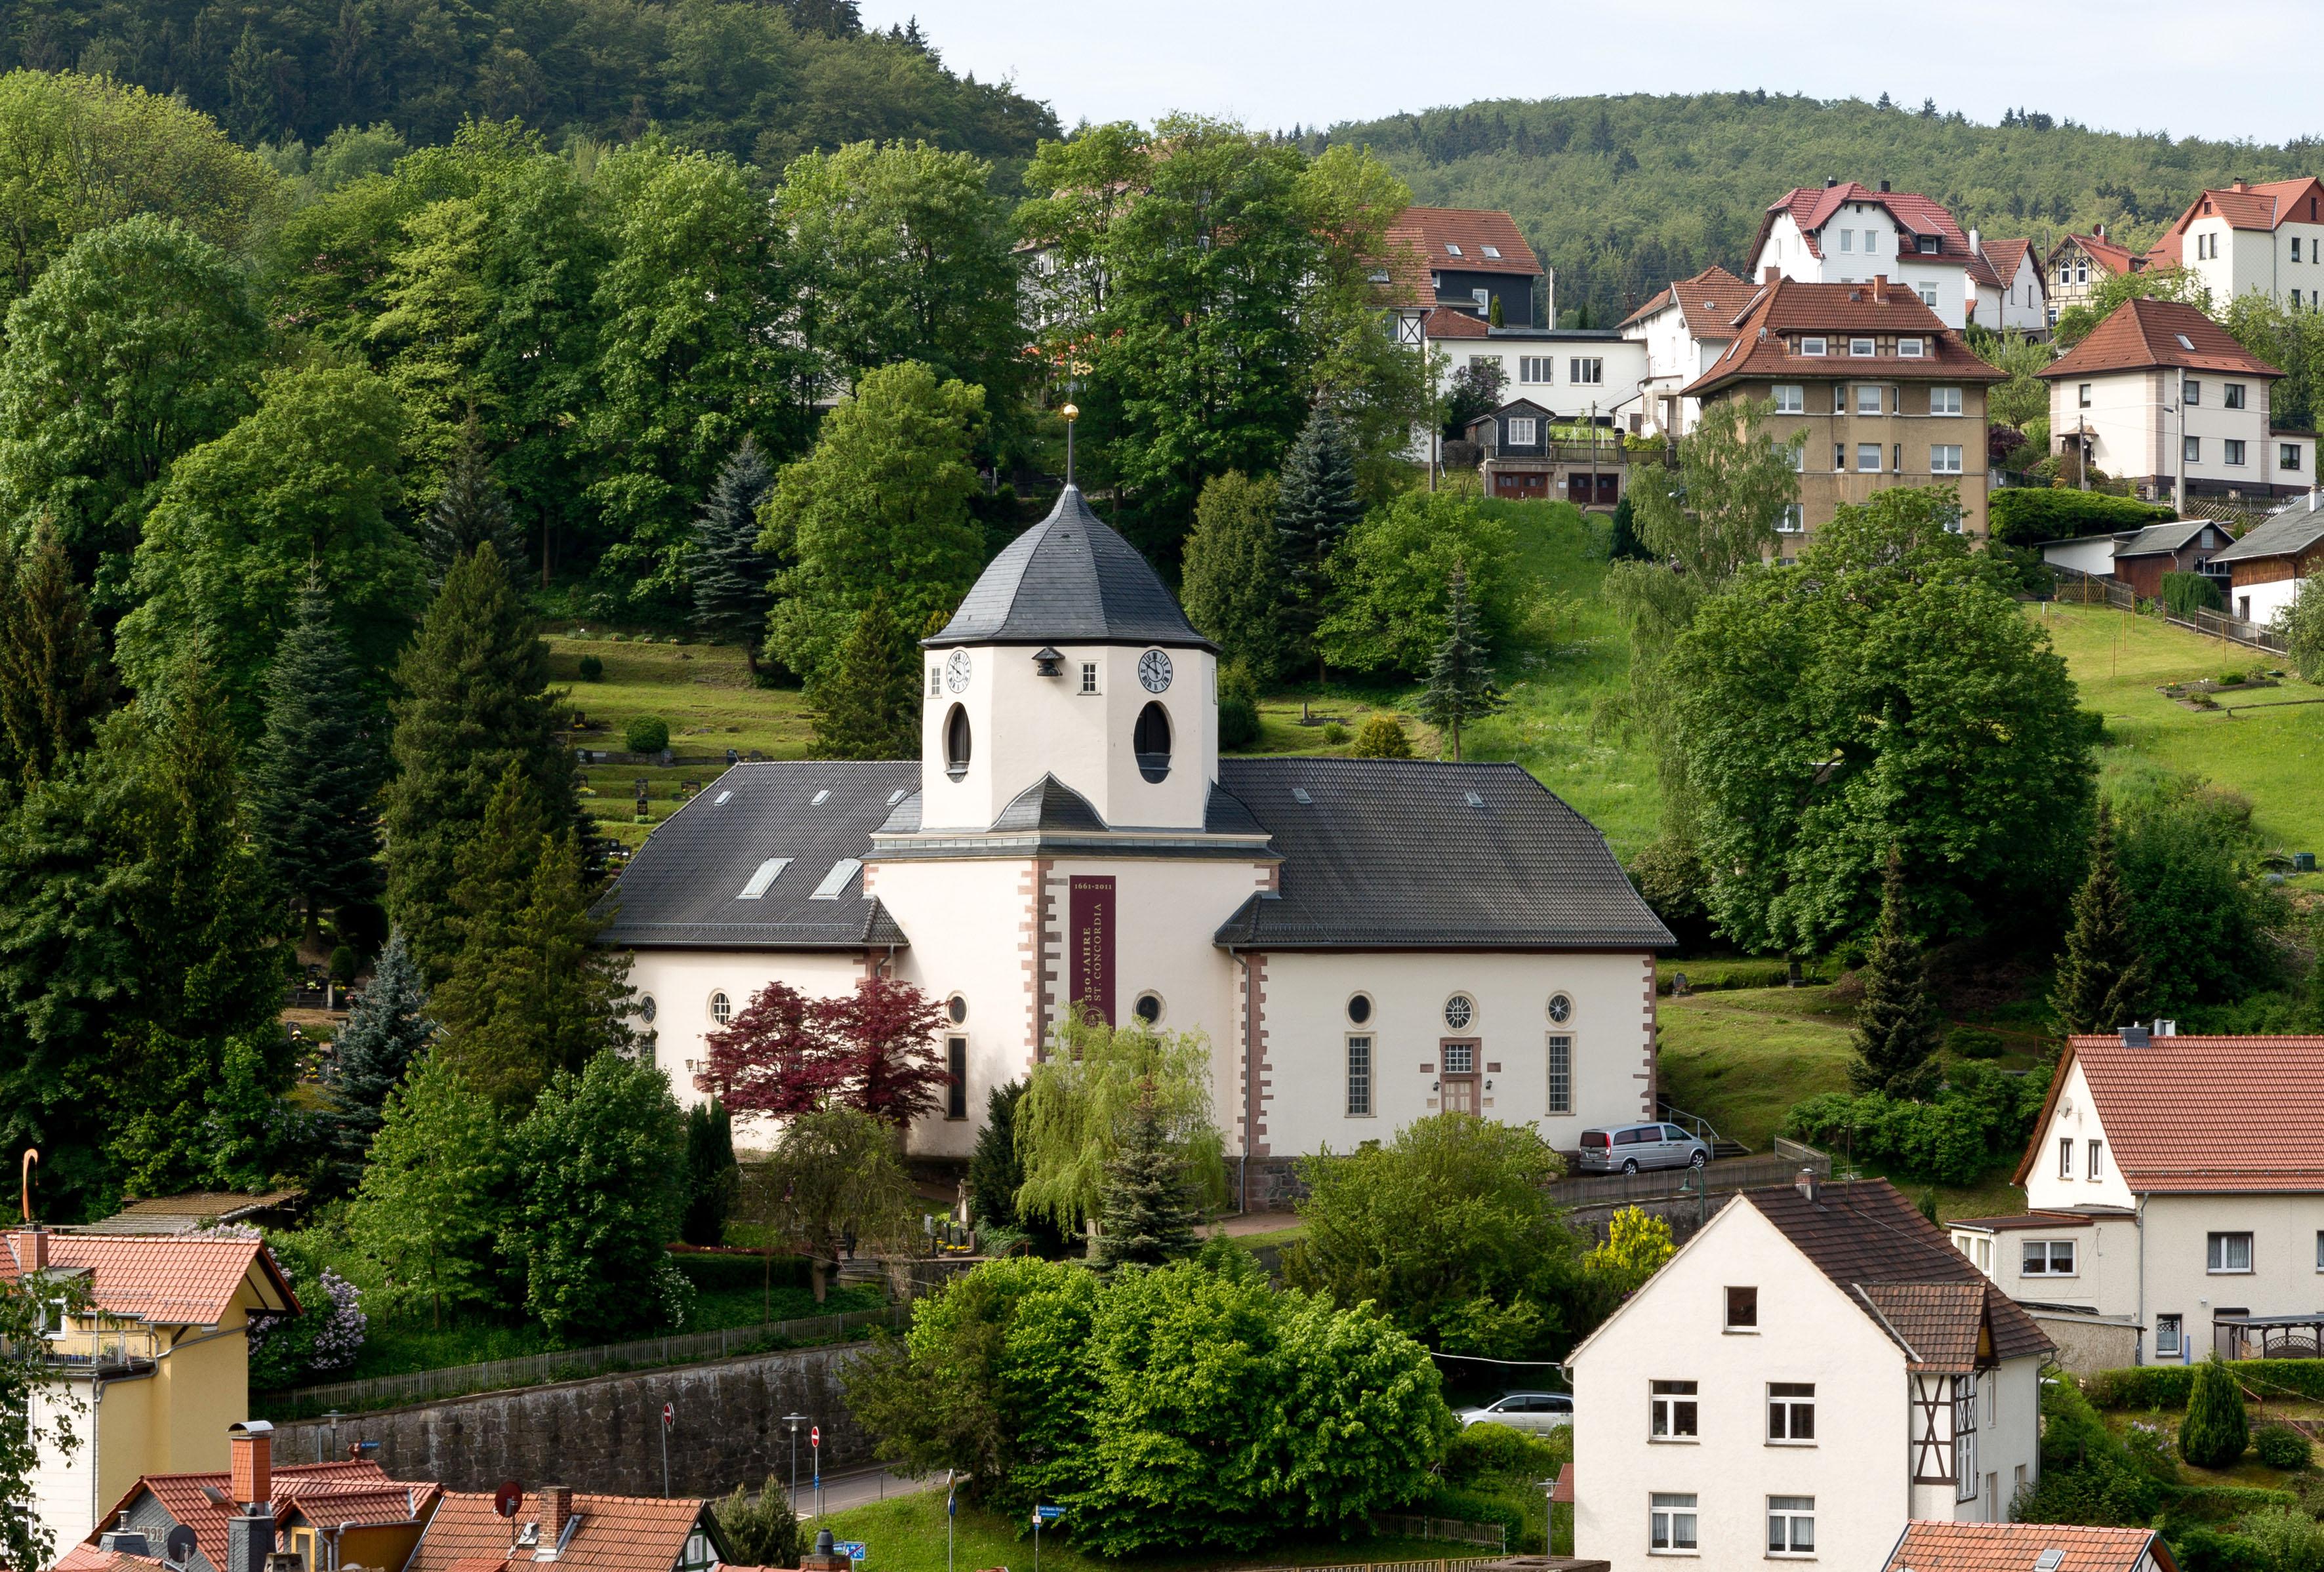 Zweischiffige Kirche mit niedrigem, breitem Turm. Umgeben von grünen Bäumen.